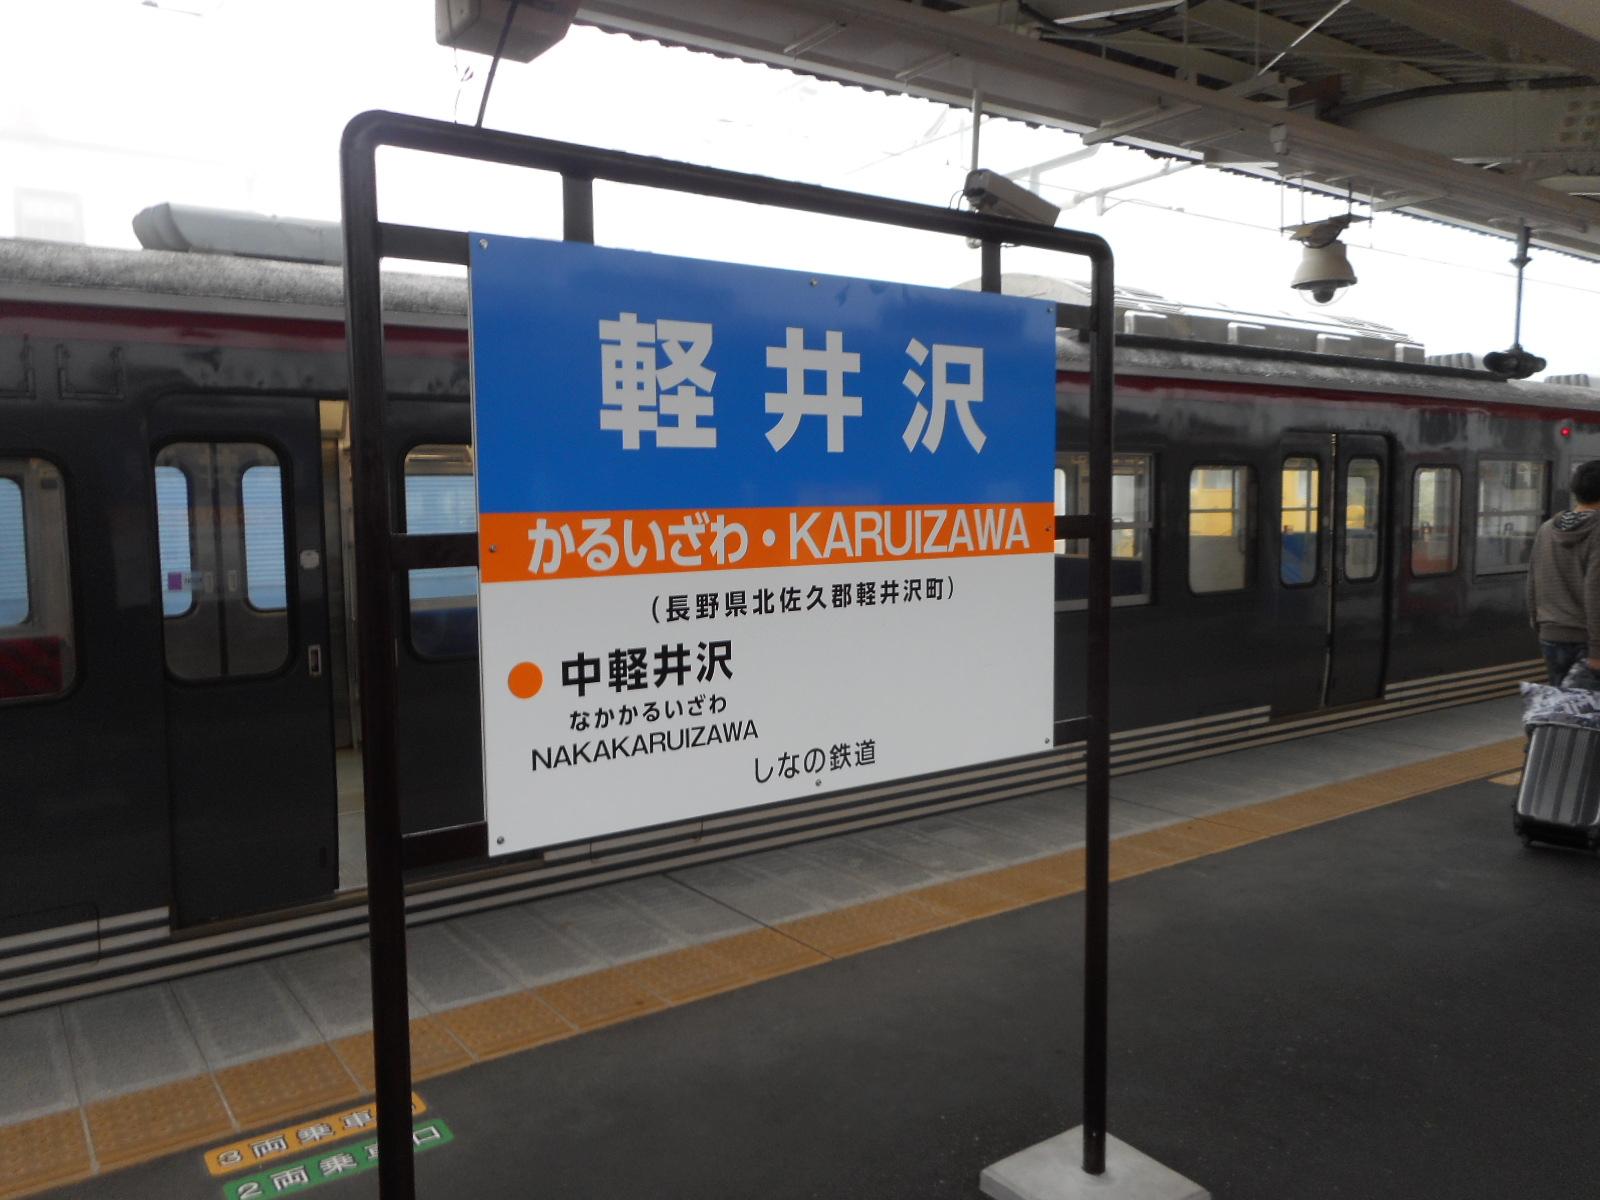 2015_0829_161409-DSCN0263.jpg